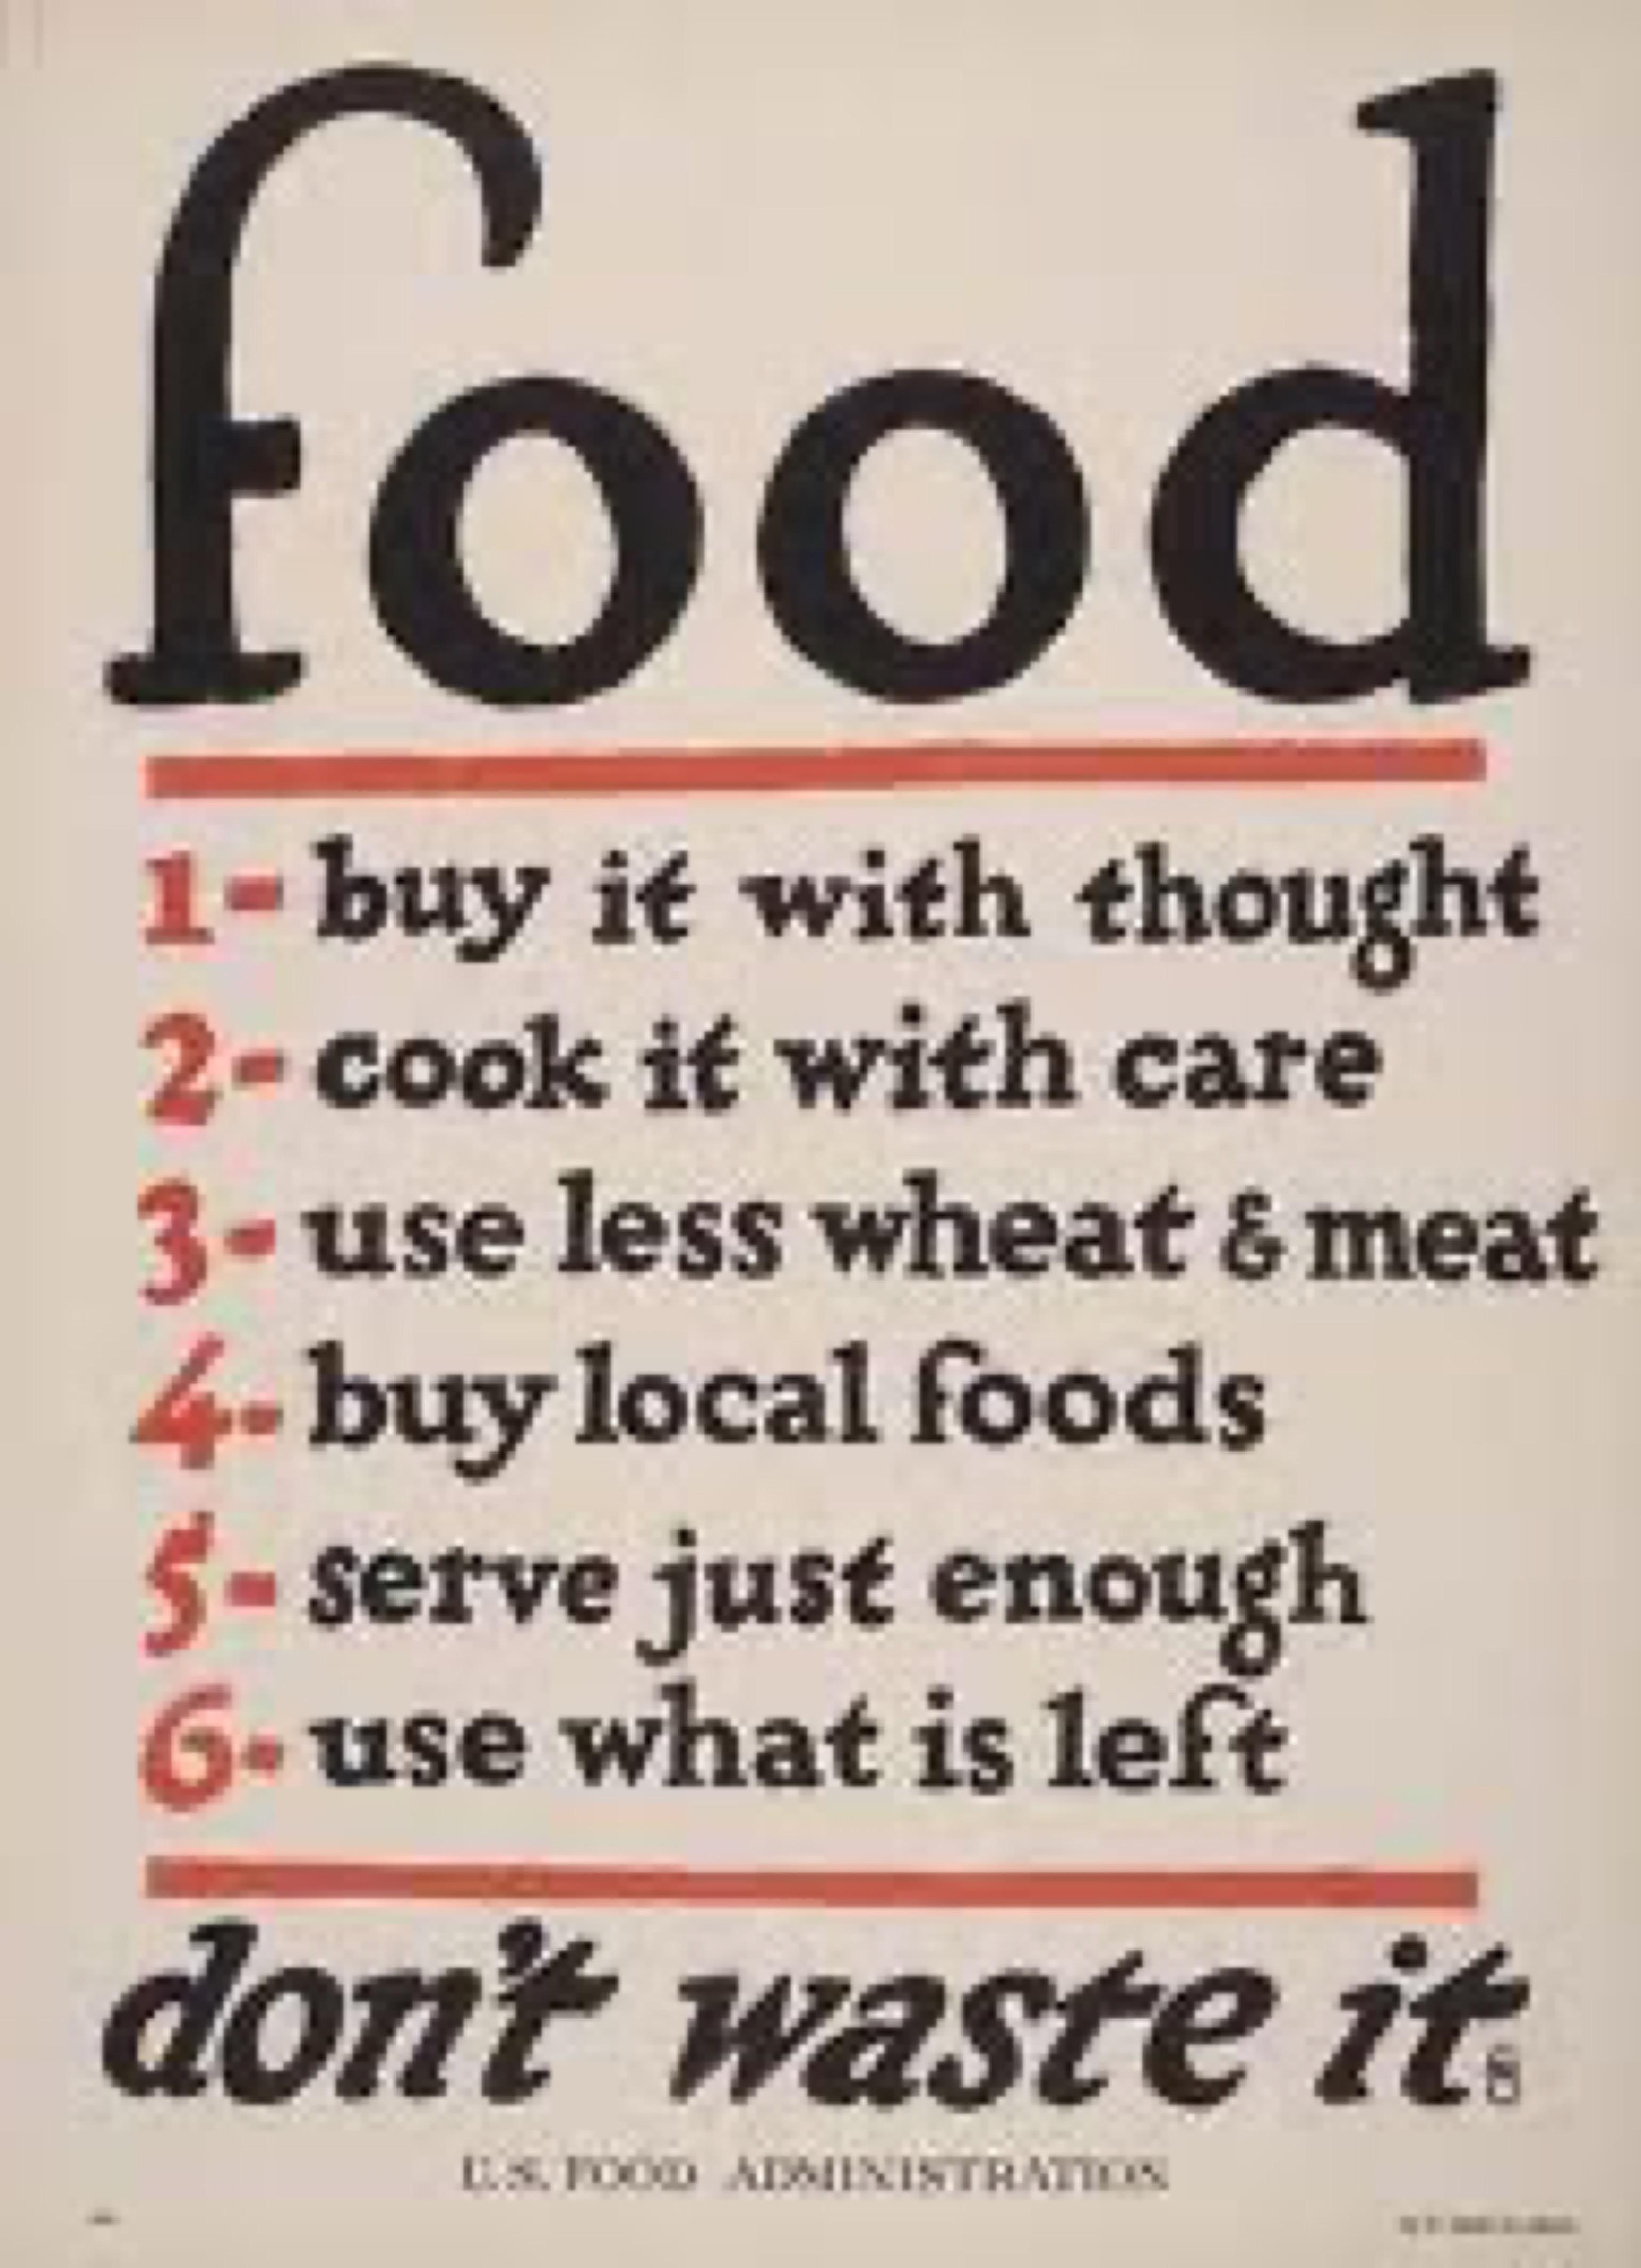 blog image - food waste 2